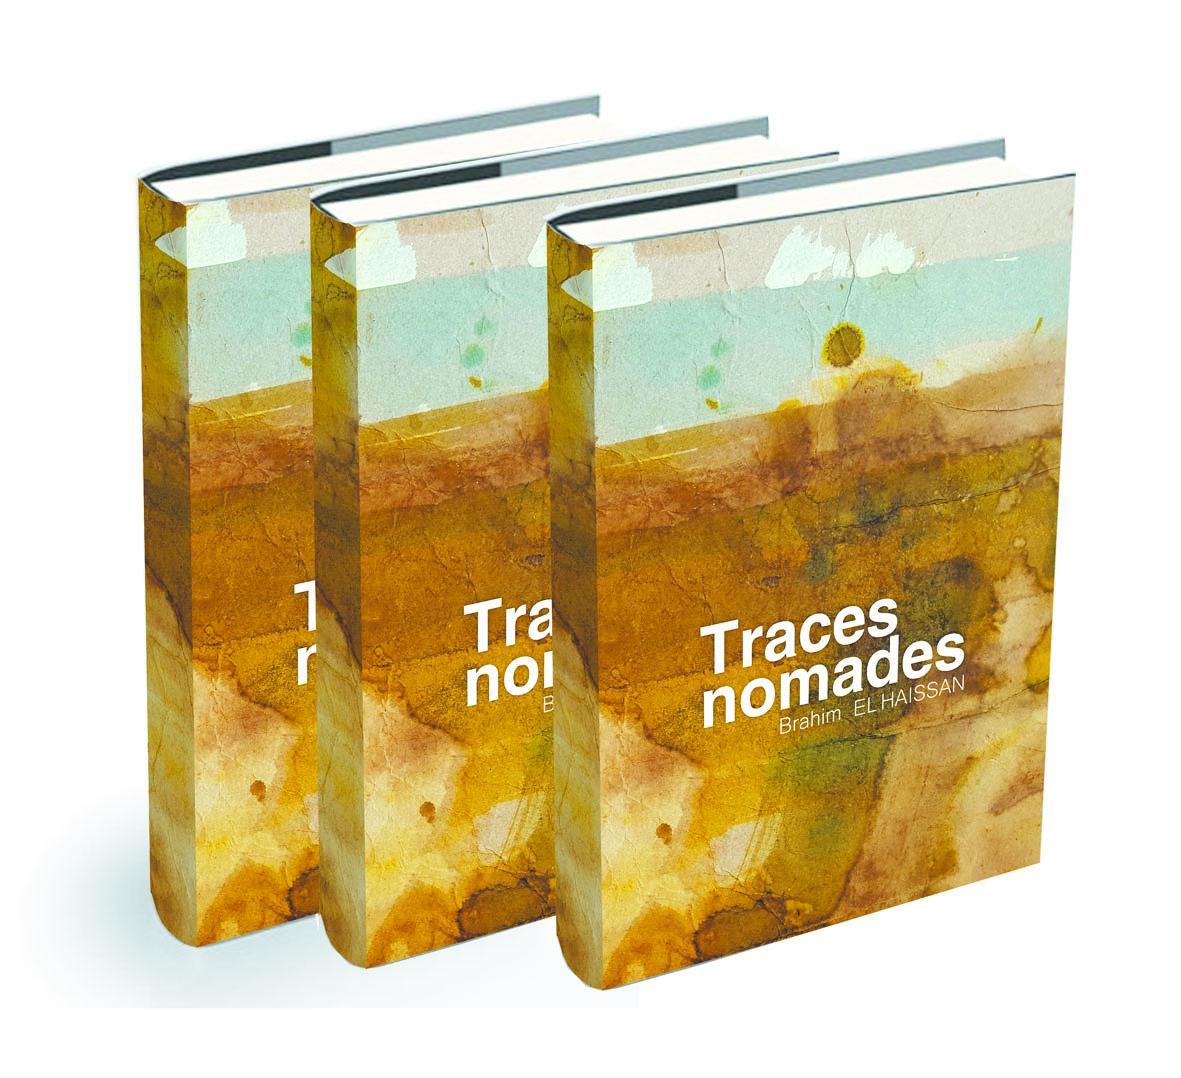 """Les """"Traces  nomades""""  exposées  par Brahim  El Haissan  à Agadir"""